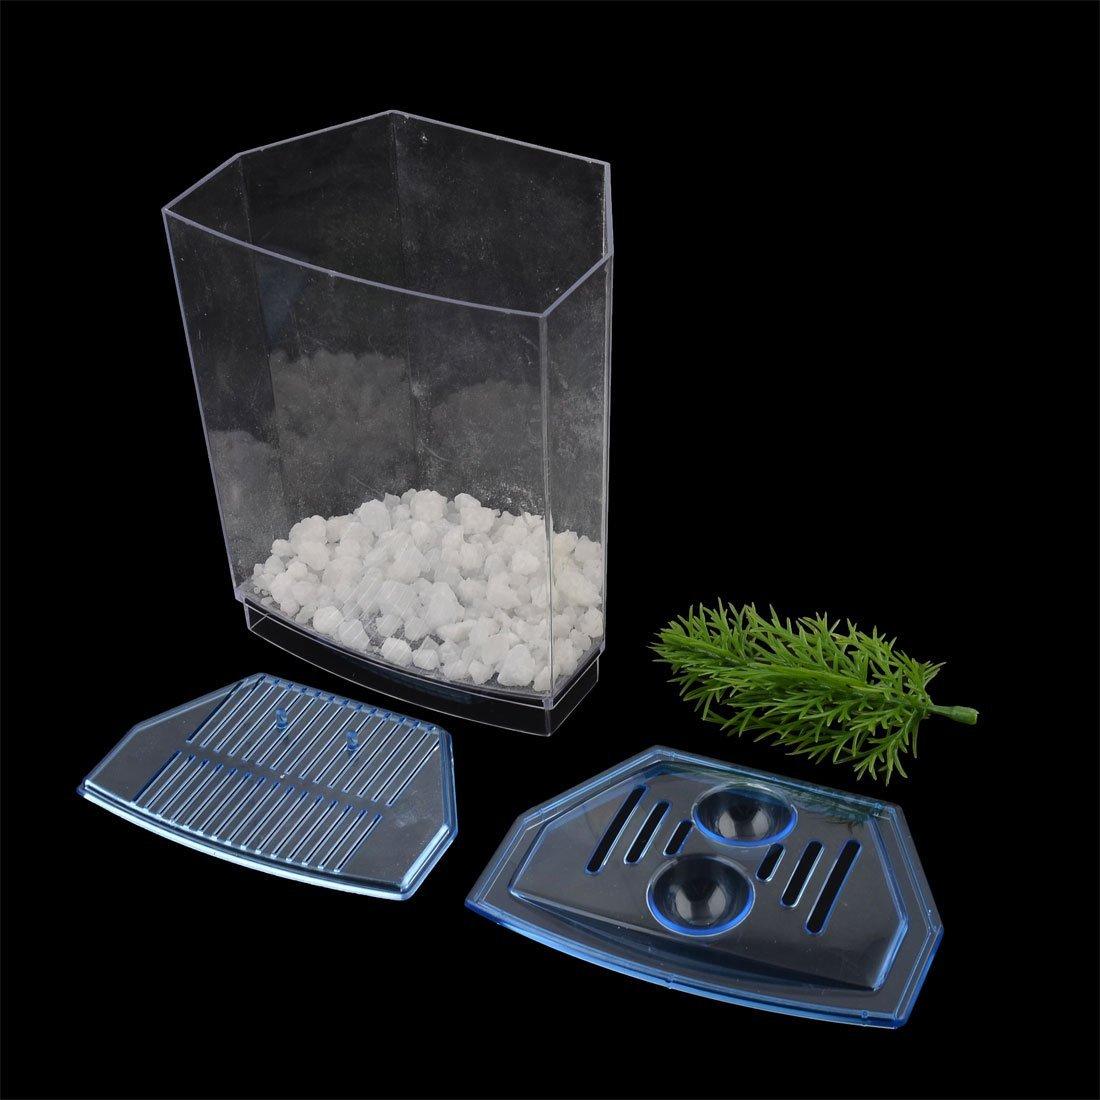 Amazon.com : eDealMax pecera acuario de plástico Mini tanque de pescados de la decoración del árbol de Fry contenedor caja Jaula : Pet Supplies